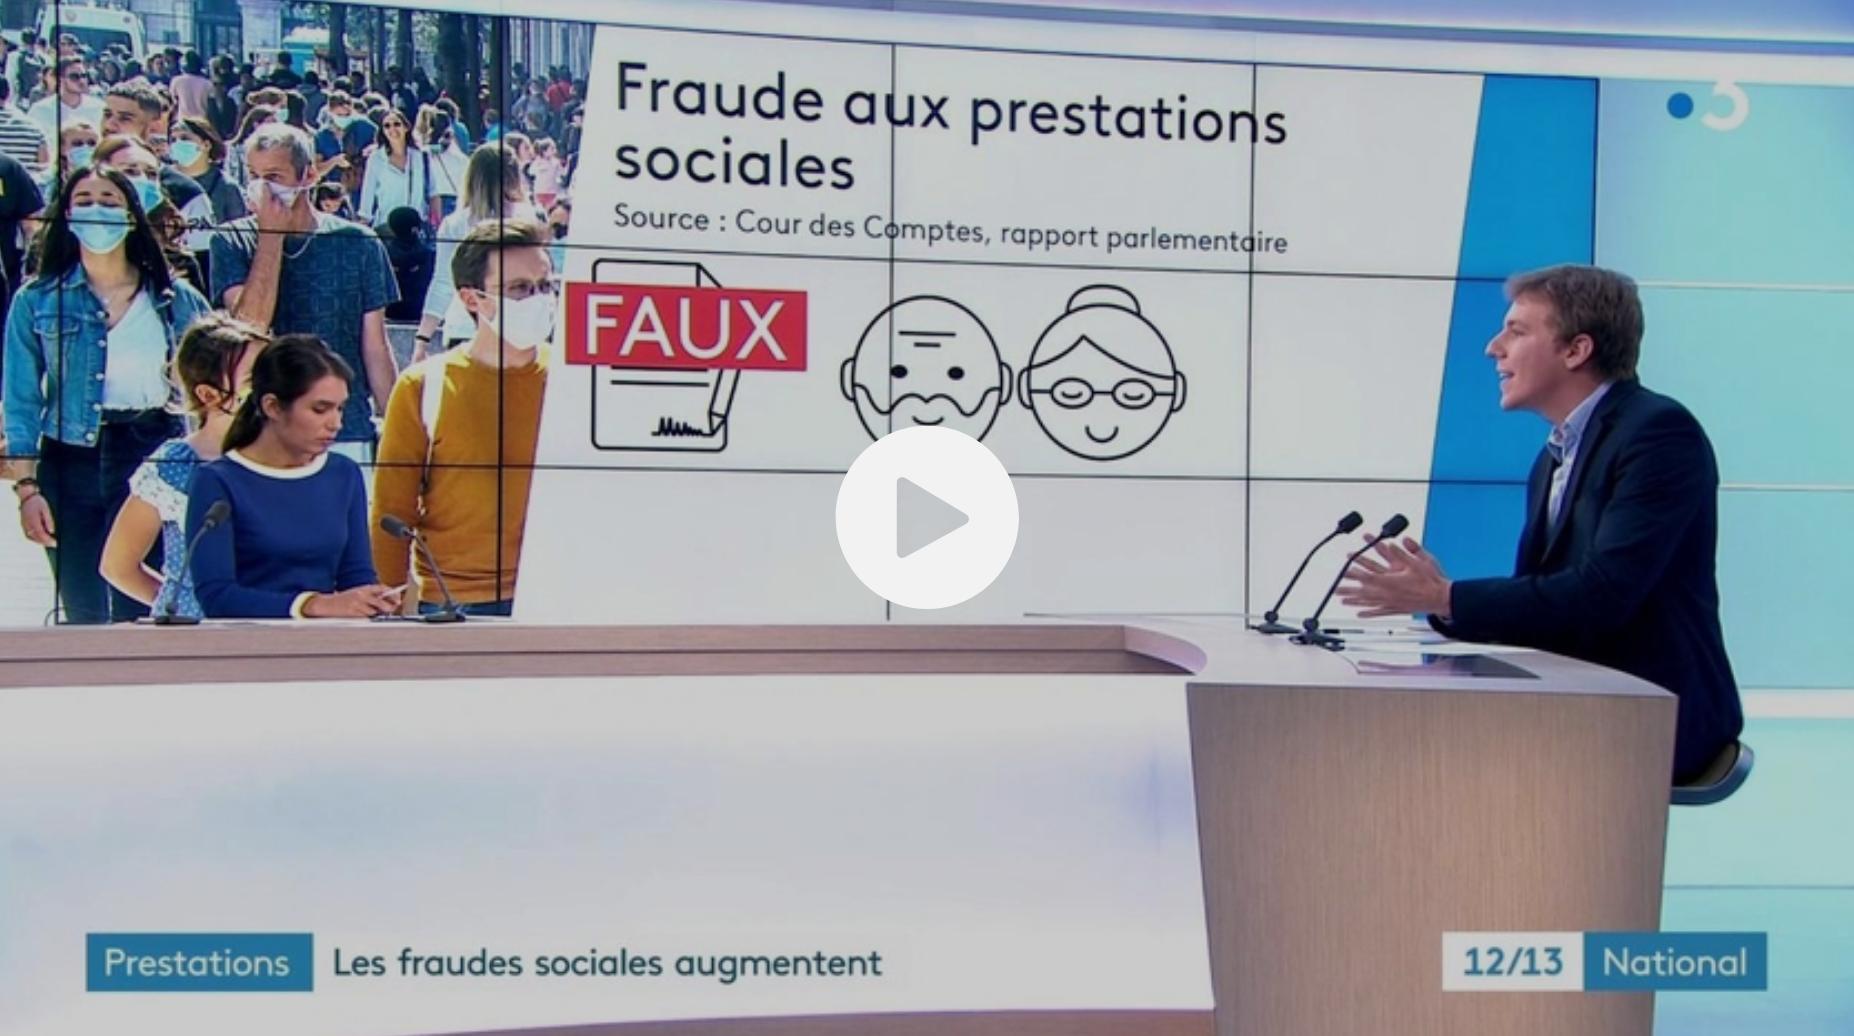 Fraude aux prestations sociales : la Cour des comptes sonne l'alarme